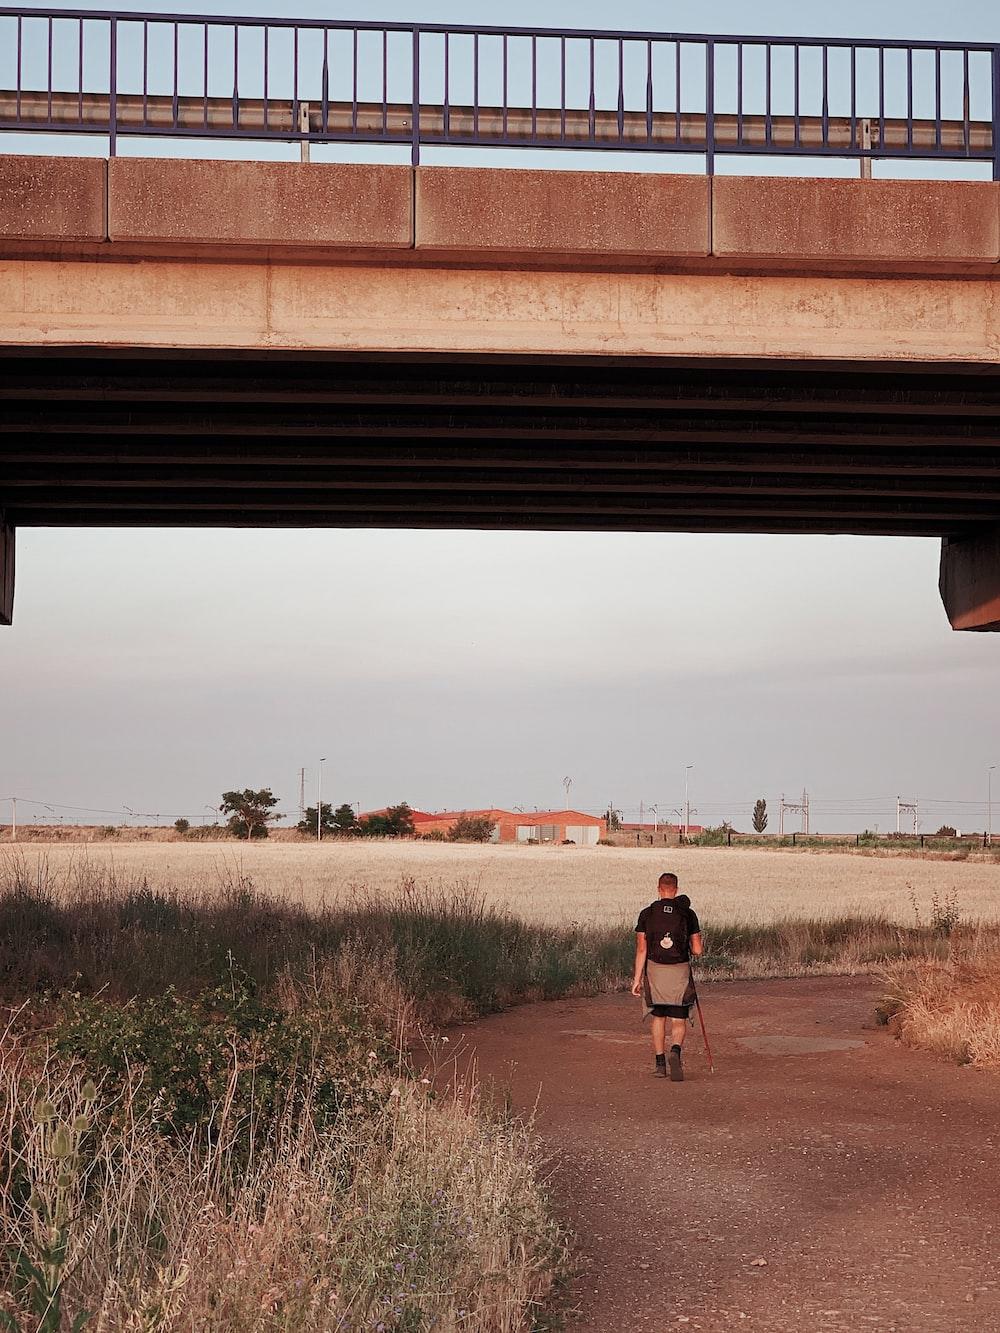 man walking on road under the bridge during daytime